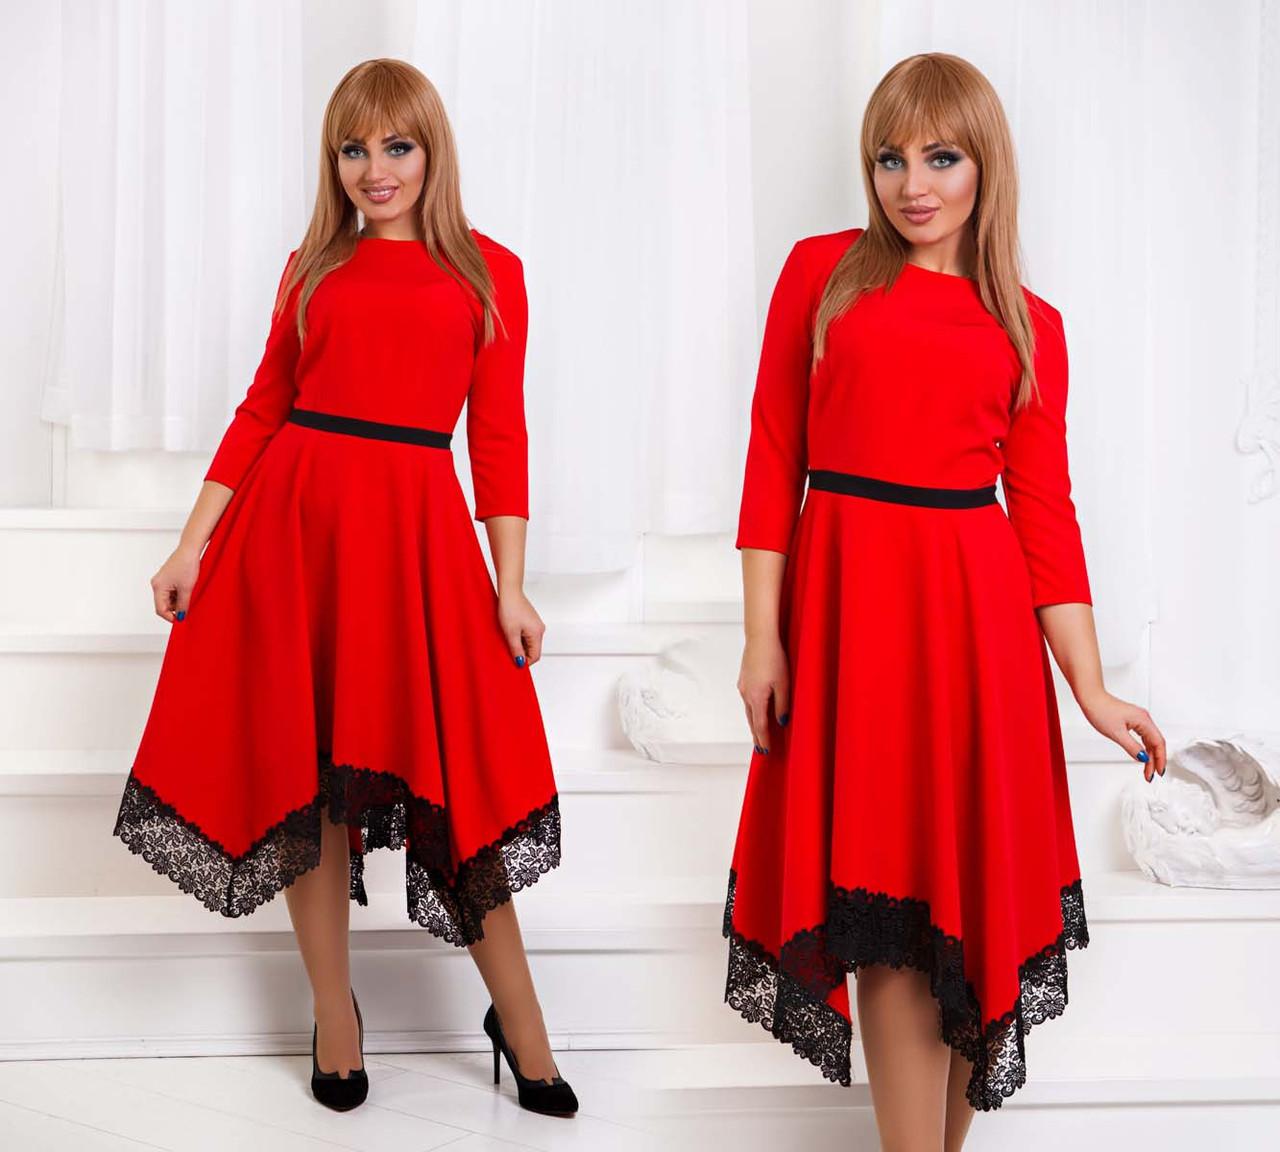 """Елегантне жіноче плаття нарядне у великих розмірах """"Креп Кльош Кути Мереживо"""" в кольорах (DG-ат1181)"""